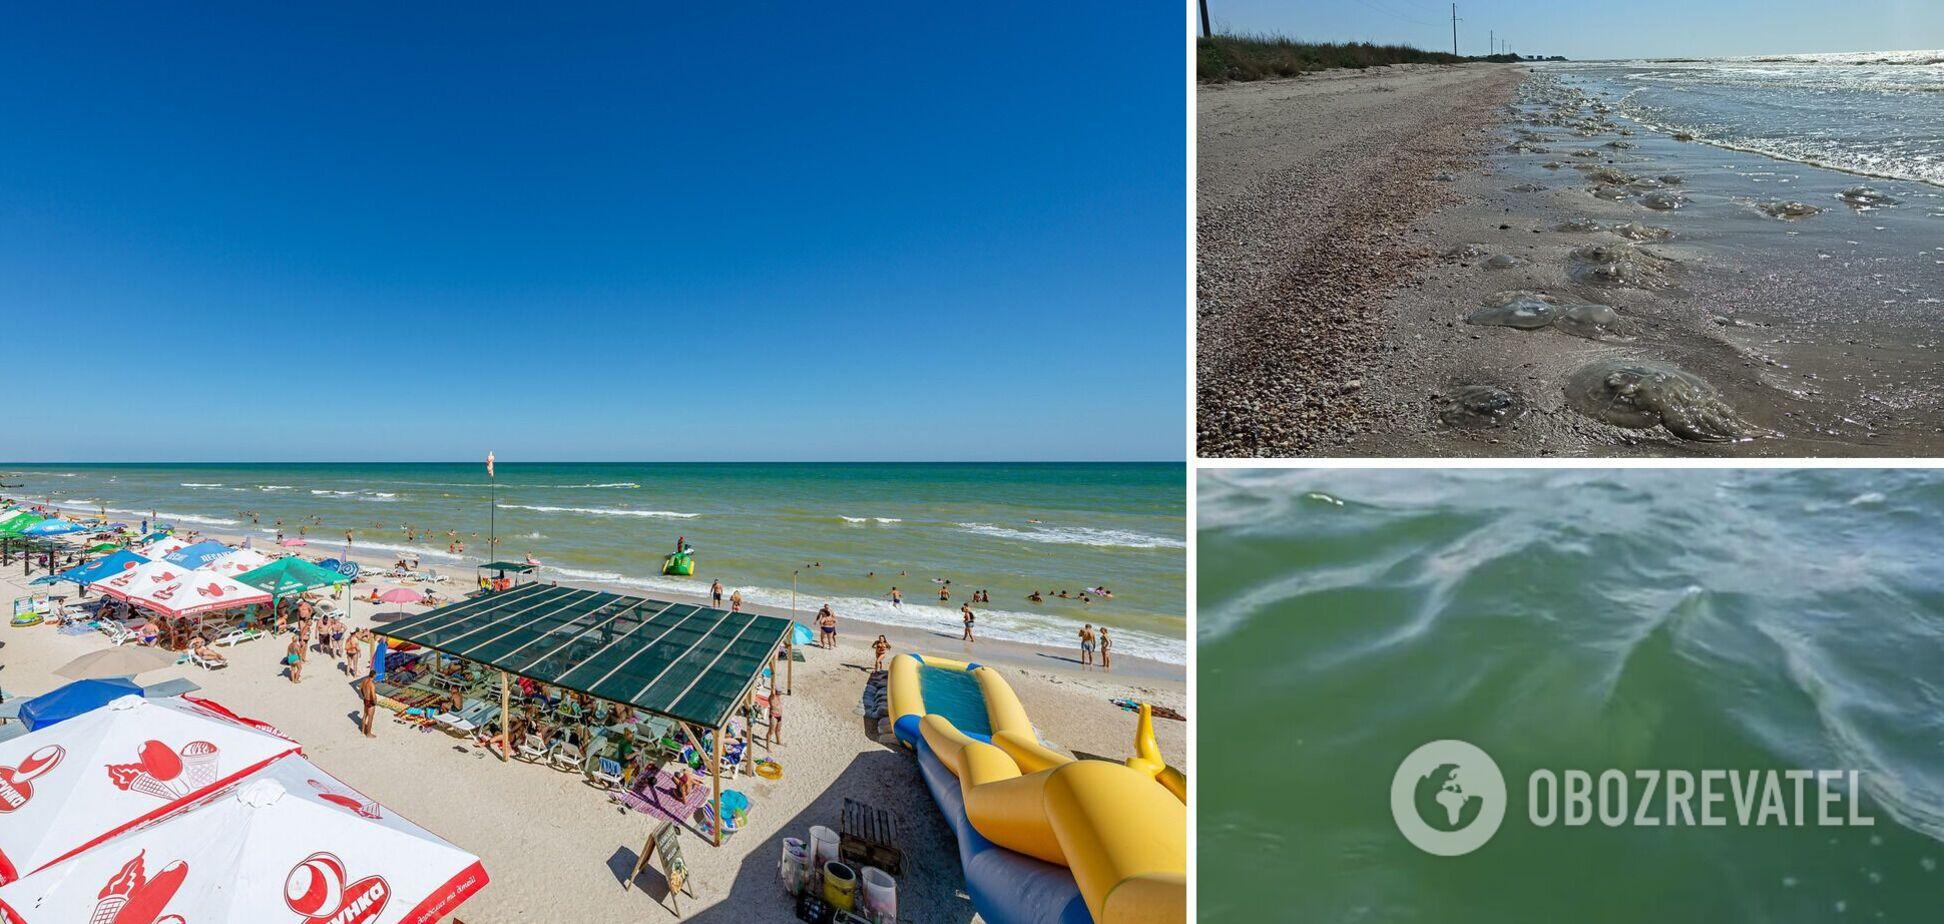 Вода зеленого цвета, много медуз: туристы рассказали об отдыхе в Кирилловке и показали видео